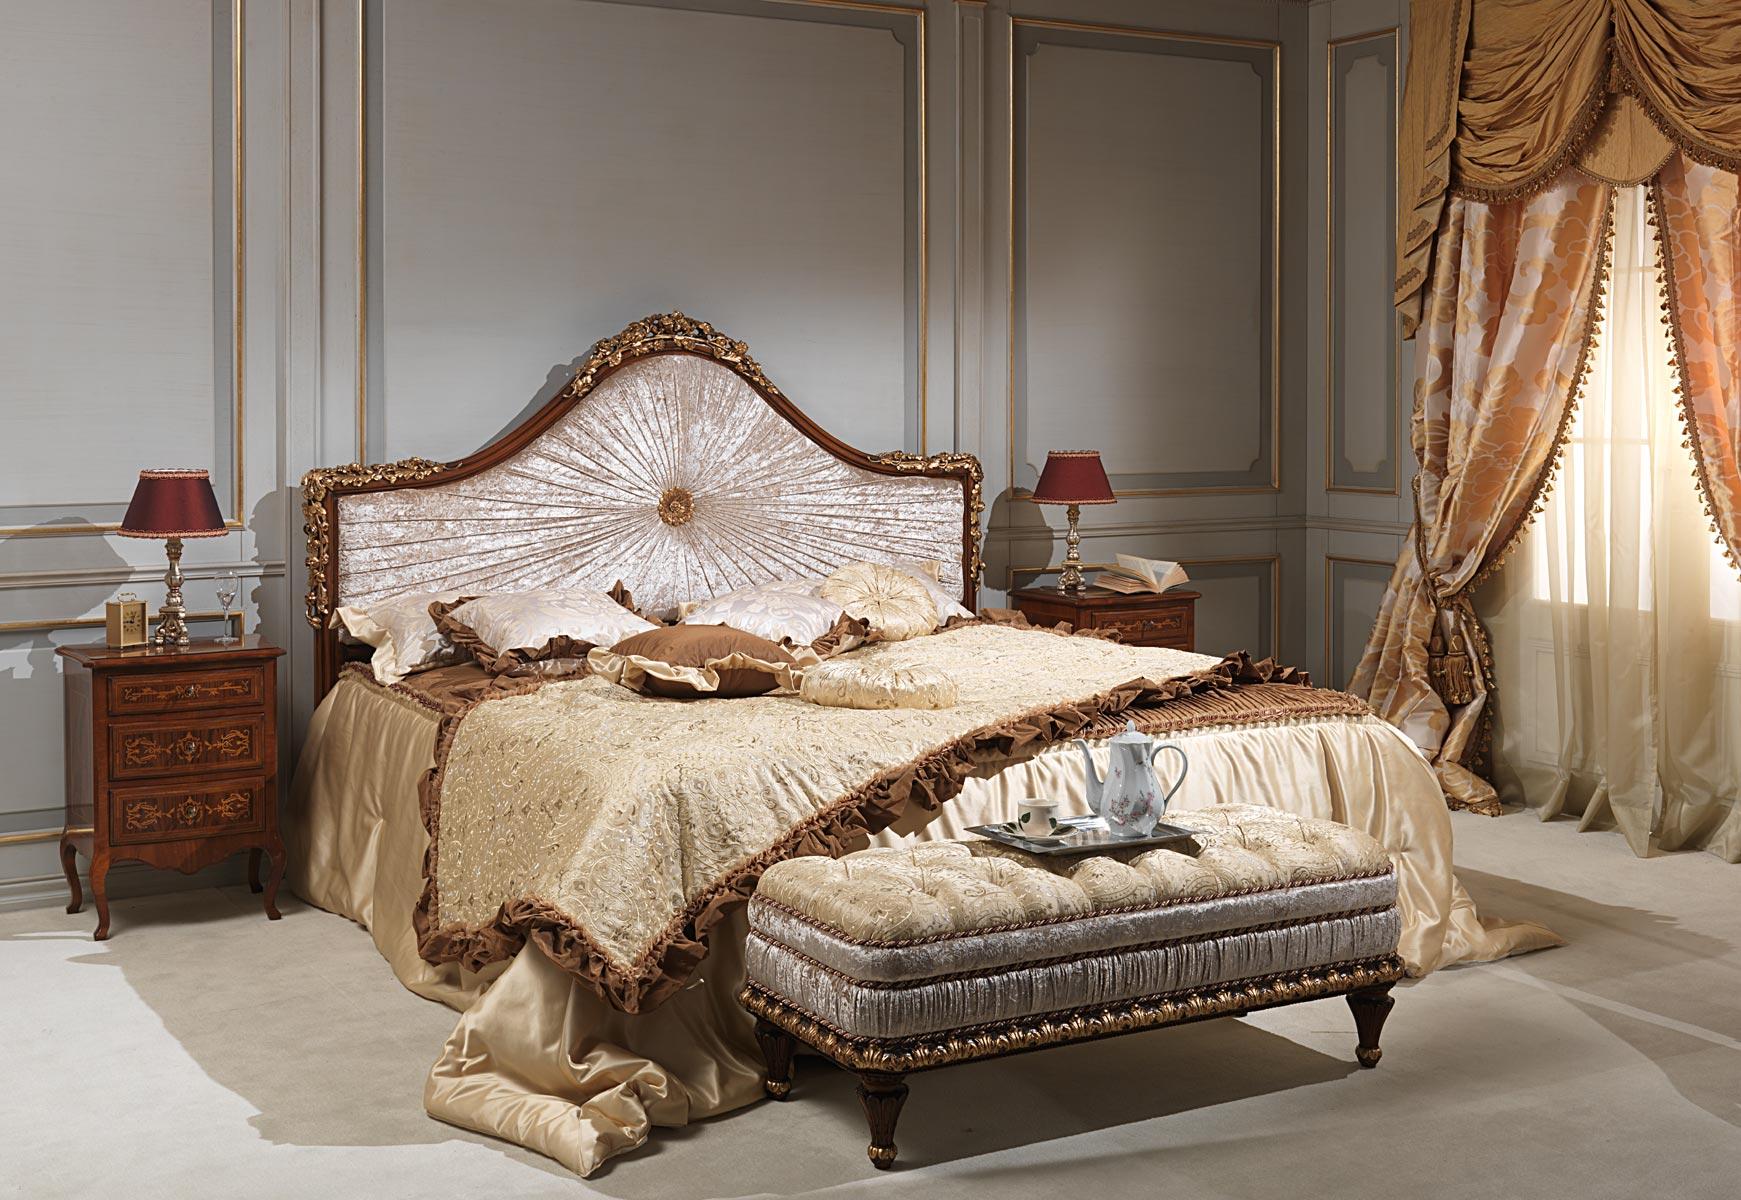 Camera da letto classica Louvre, letto, panca e comodini | Vimercati ...